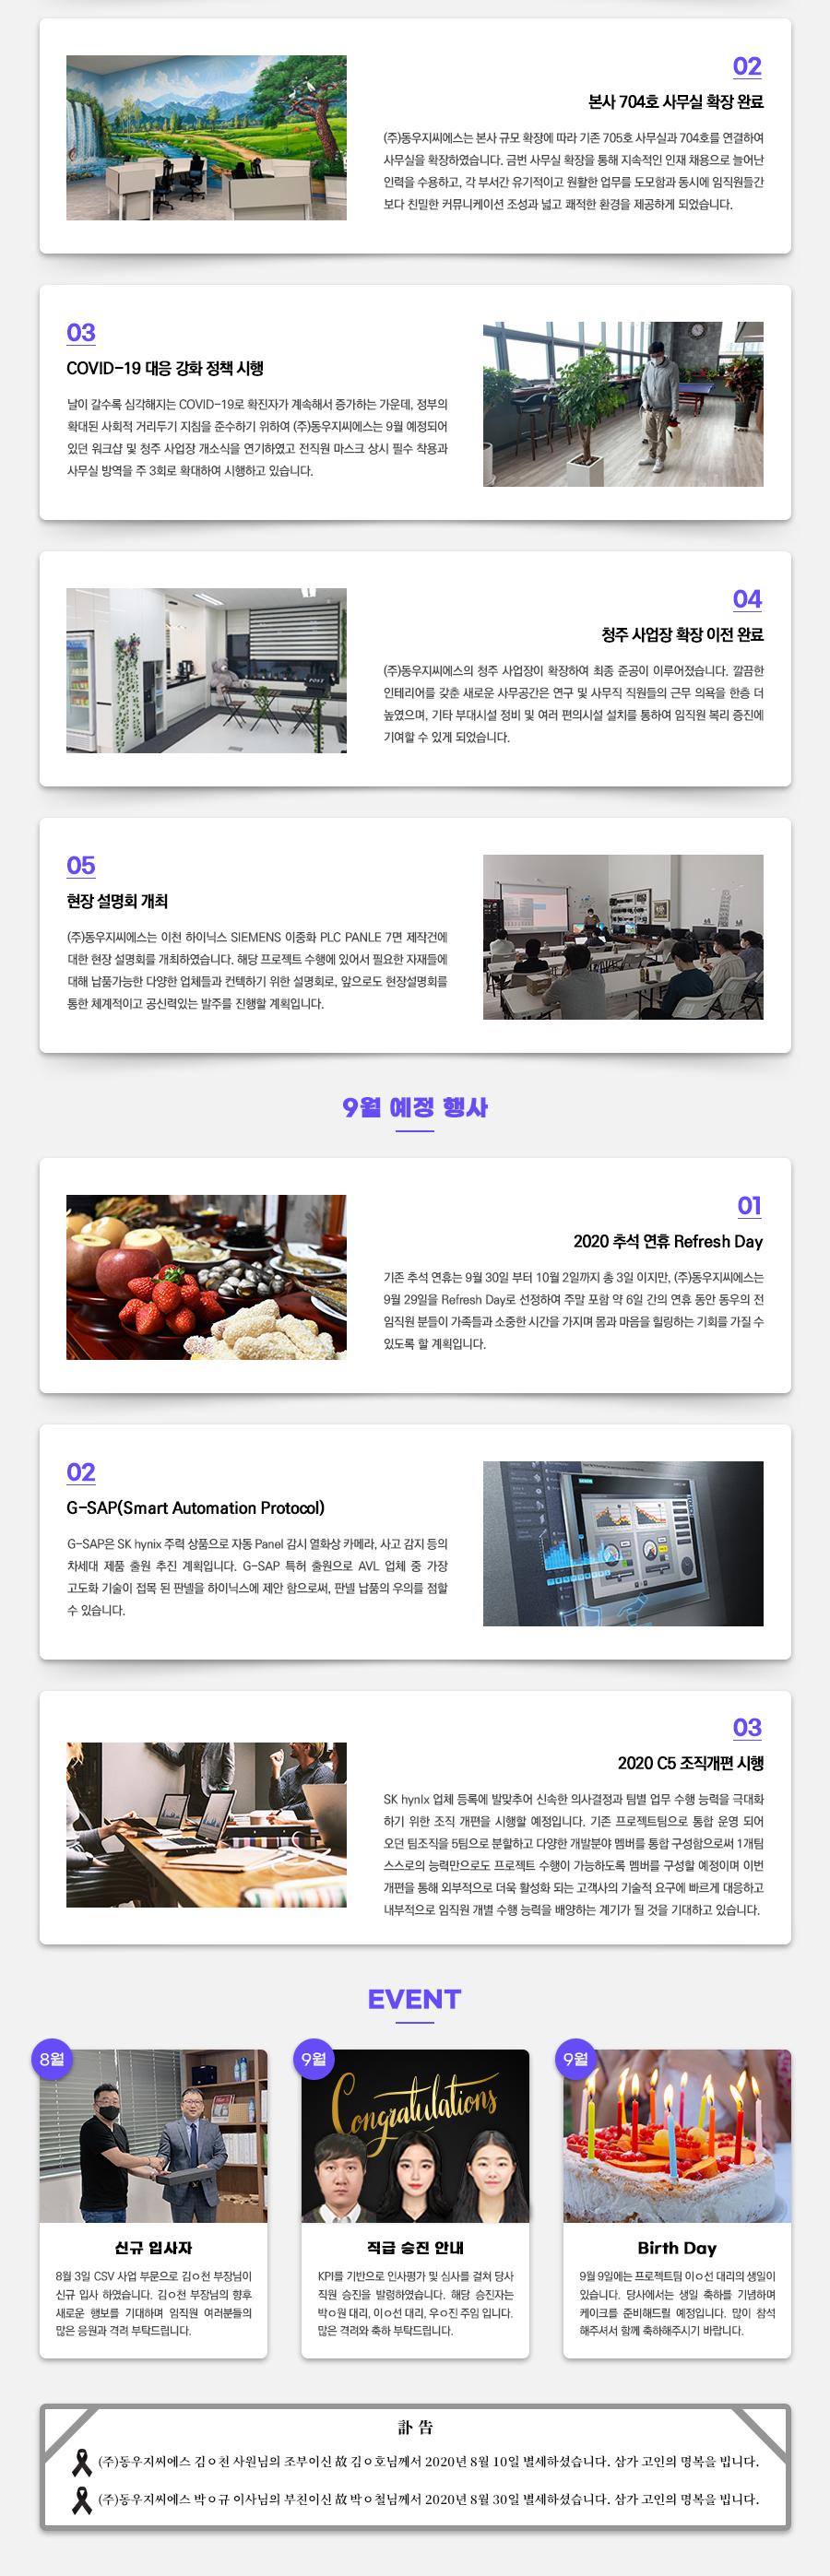 동우-GCS_NEWS-LETTER_2020년-9월호_분할_홈페이지_03.jpg